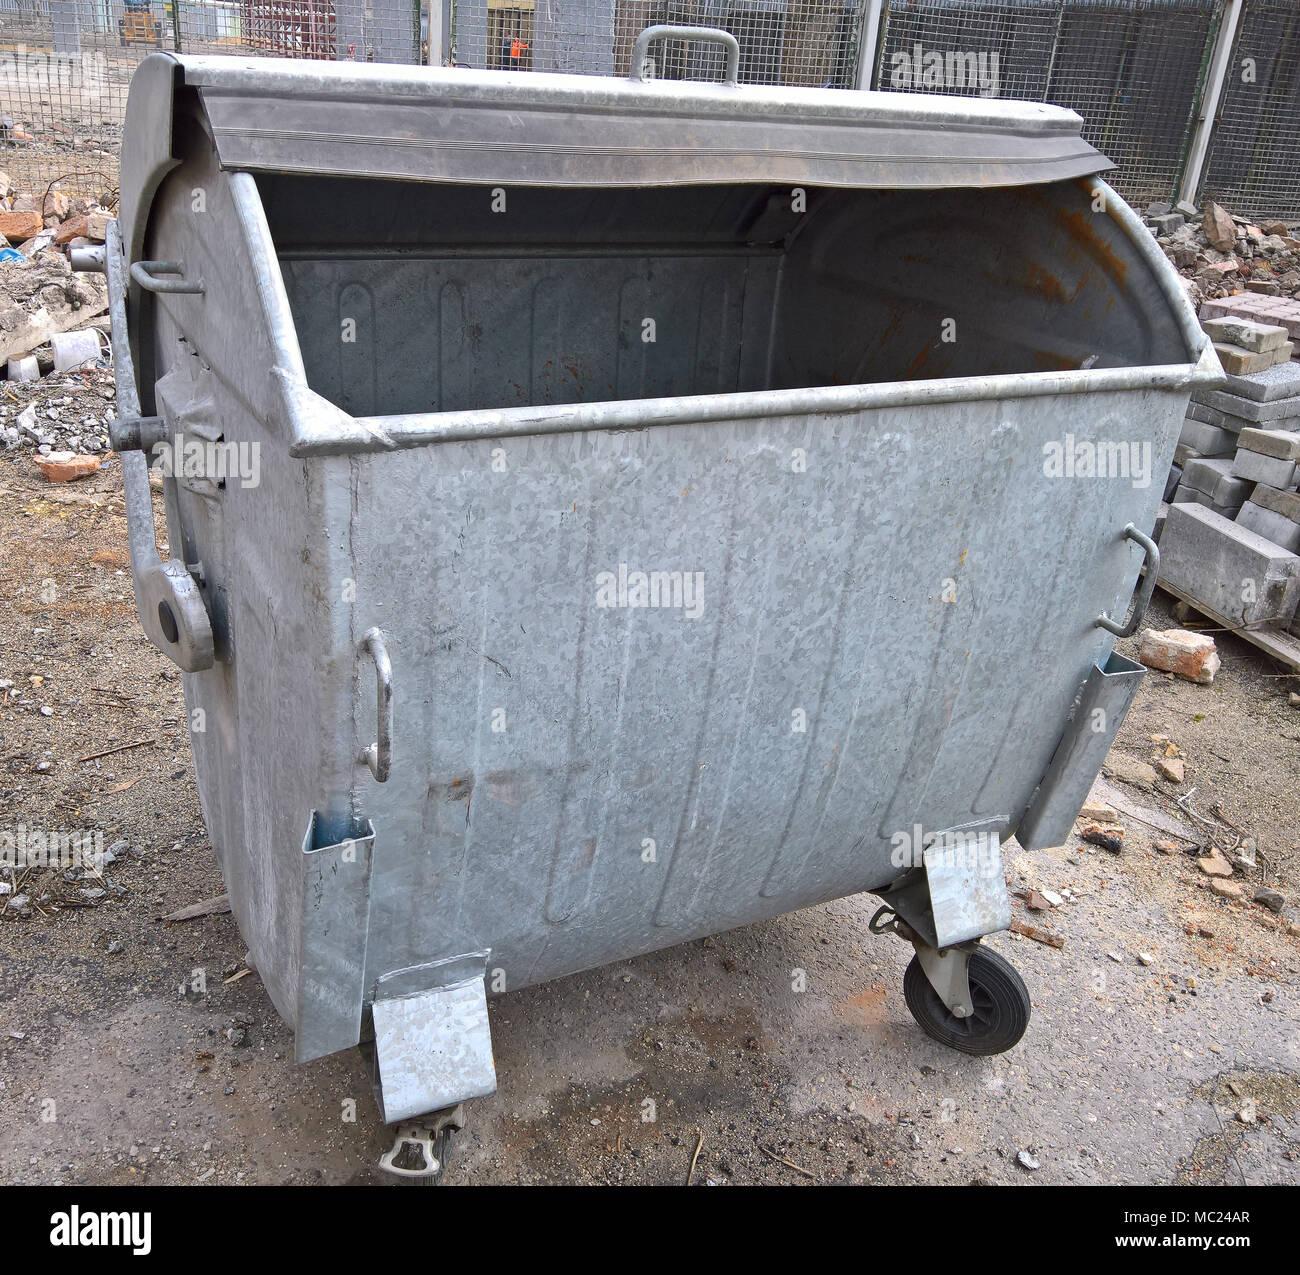 Old Metal Trash Bin Isolated Stock Photos & Old Metal Trash Bin ...